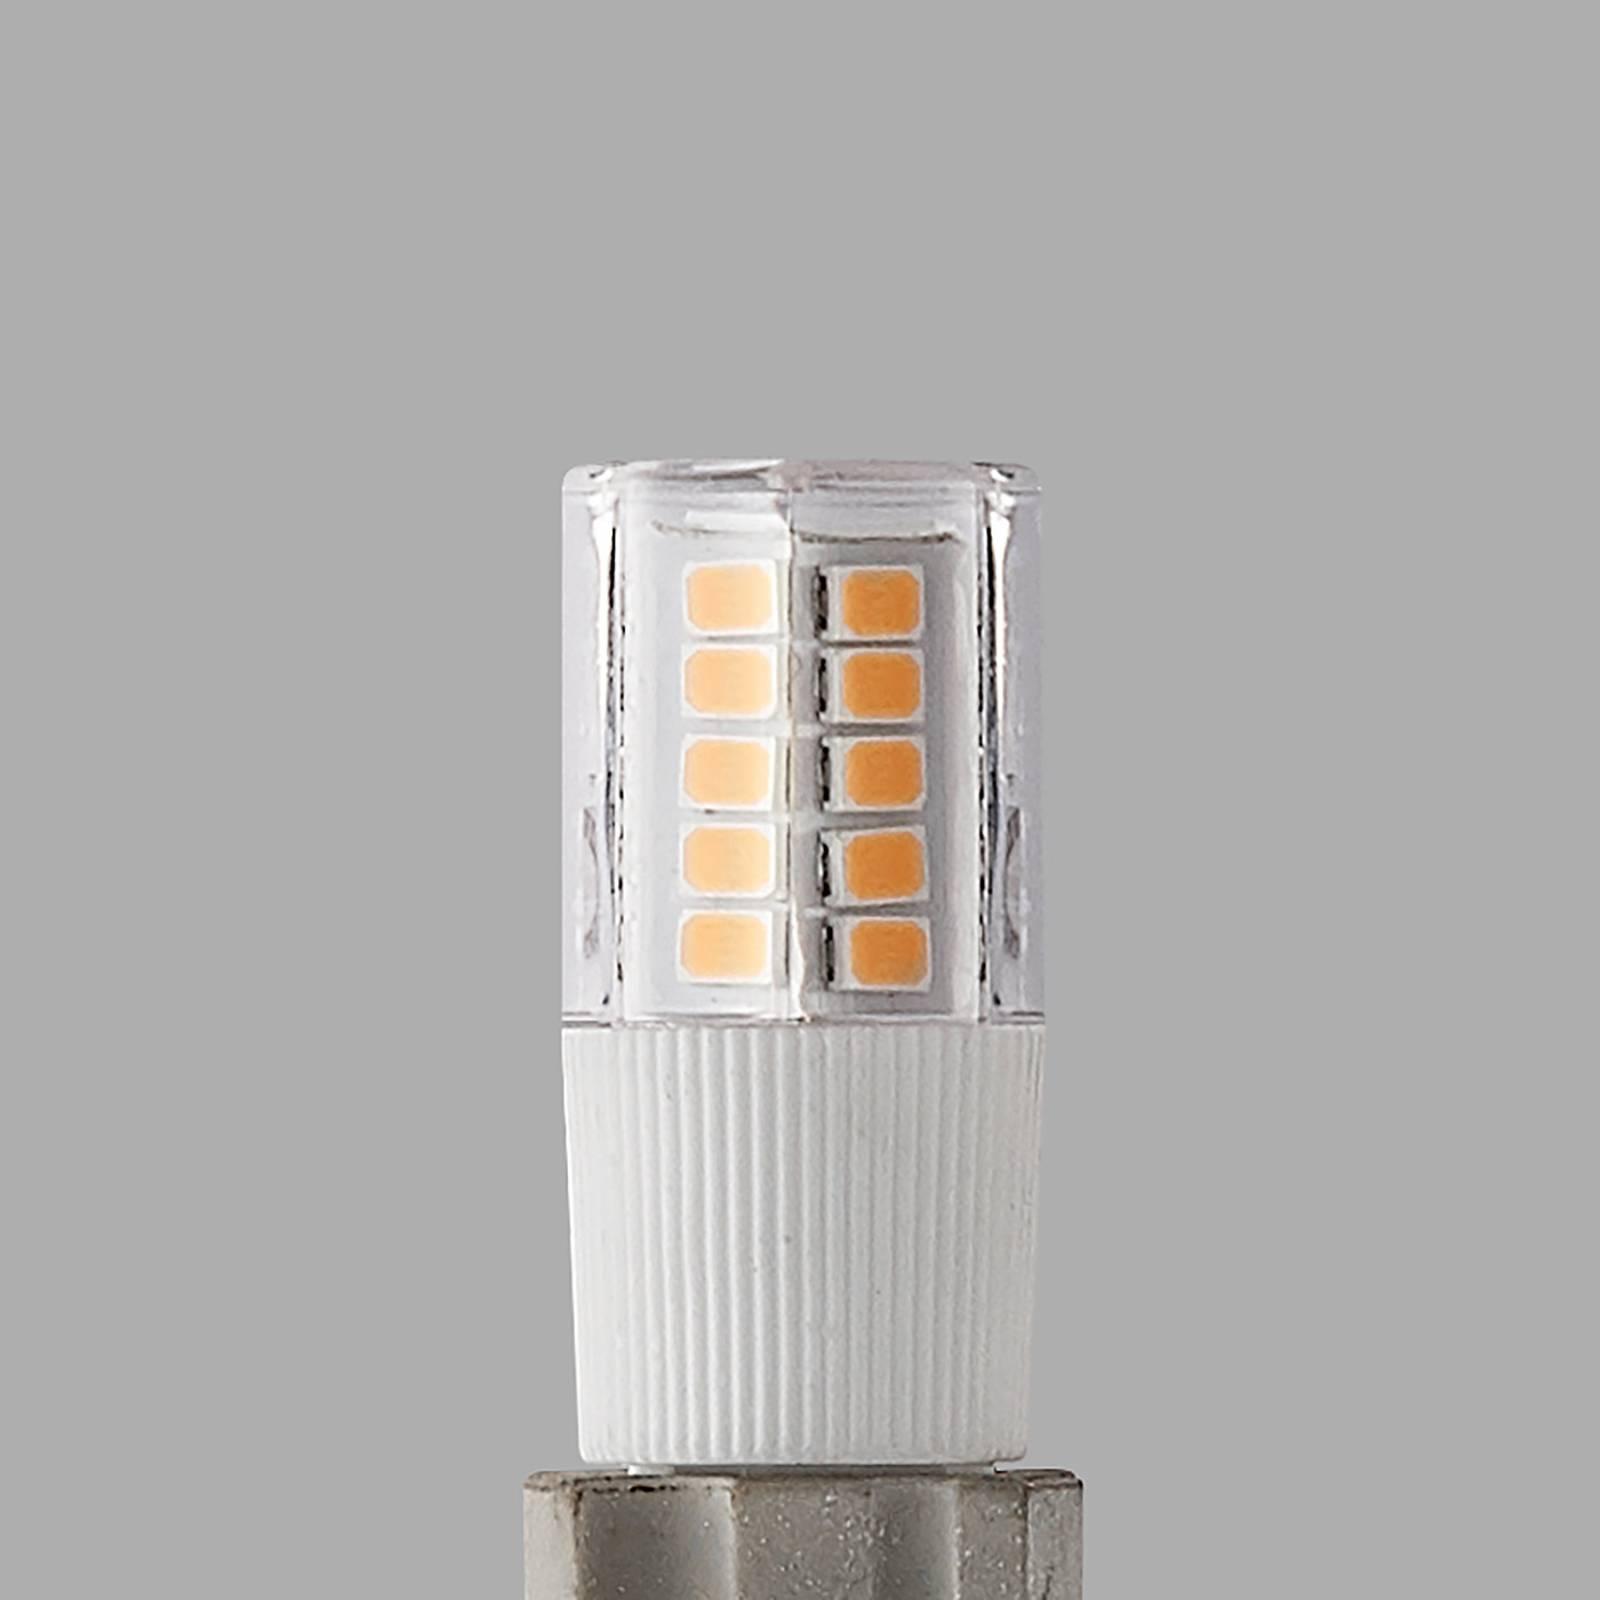 Arcchio bi-pin LED bulb G9 4.5W 3,000 K